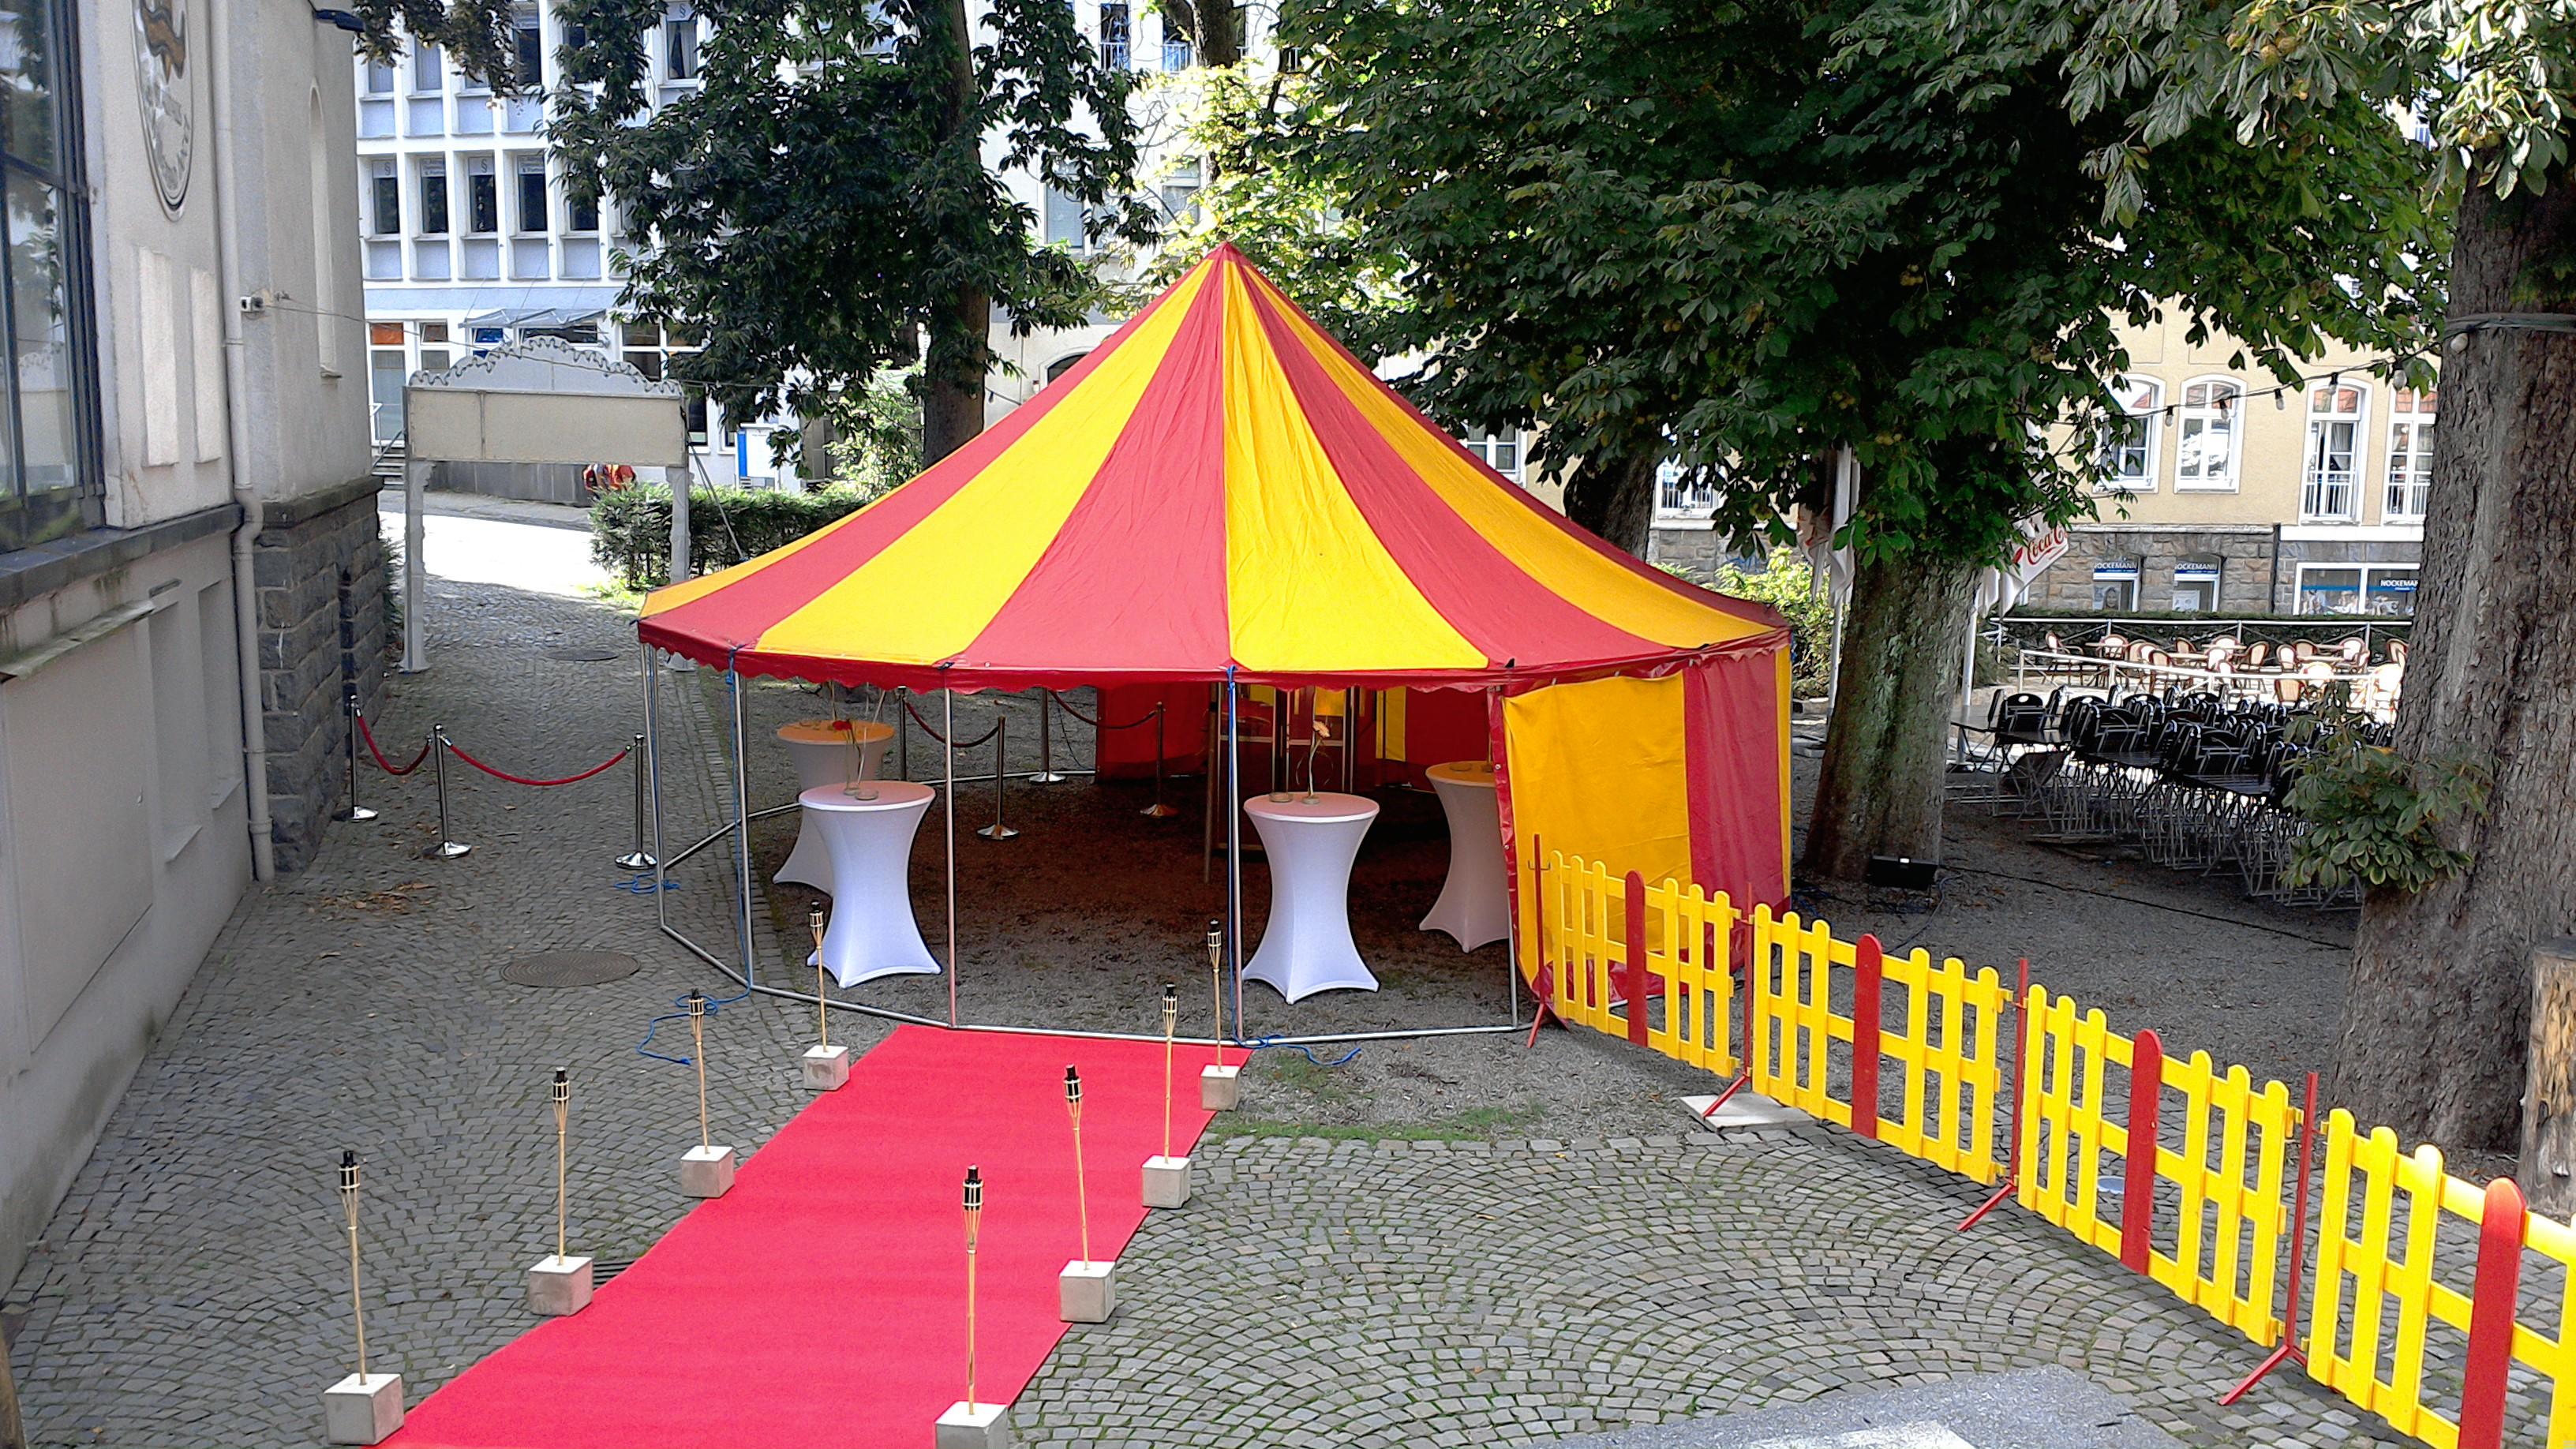 Roter_Teppich_und_Leichtbau_Zirkuszelt_1_circusevents_koeln